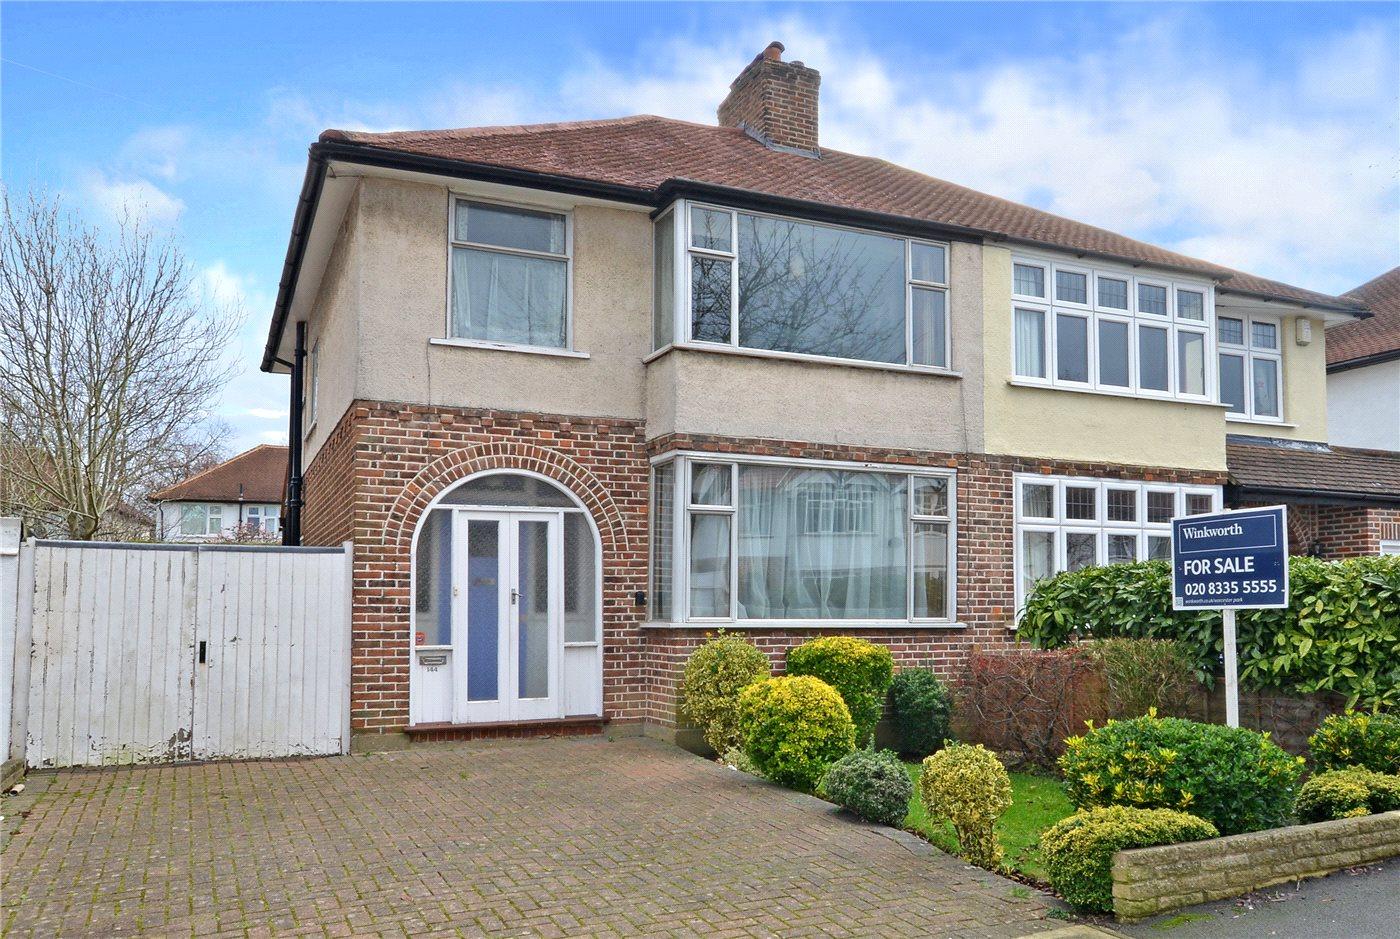 3 Bedrooms Semi Detached House for sale in Brockenhurst Avenue, Worcester Park, KT4